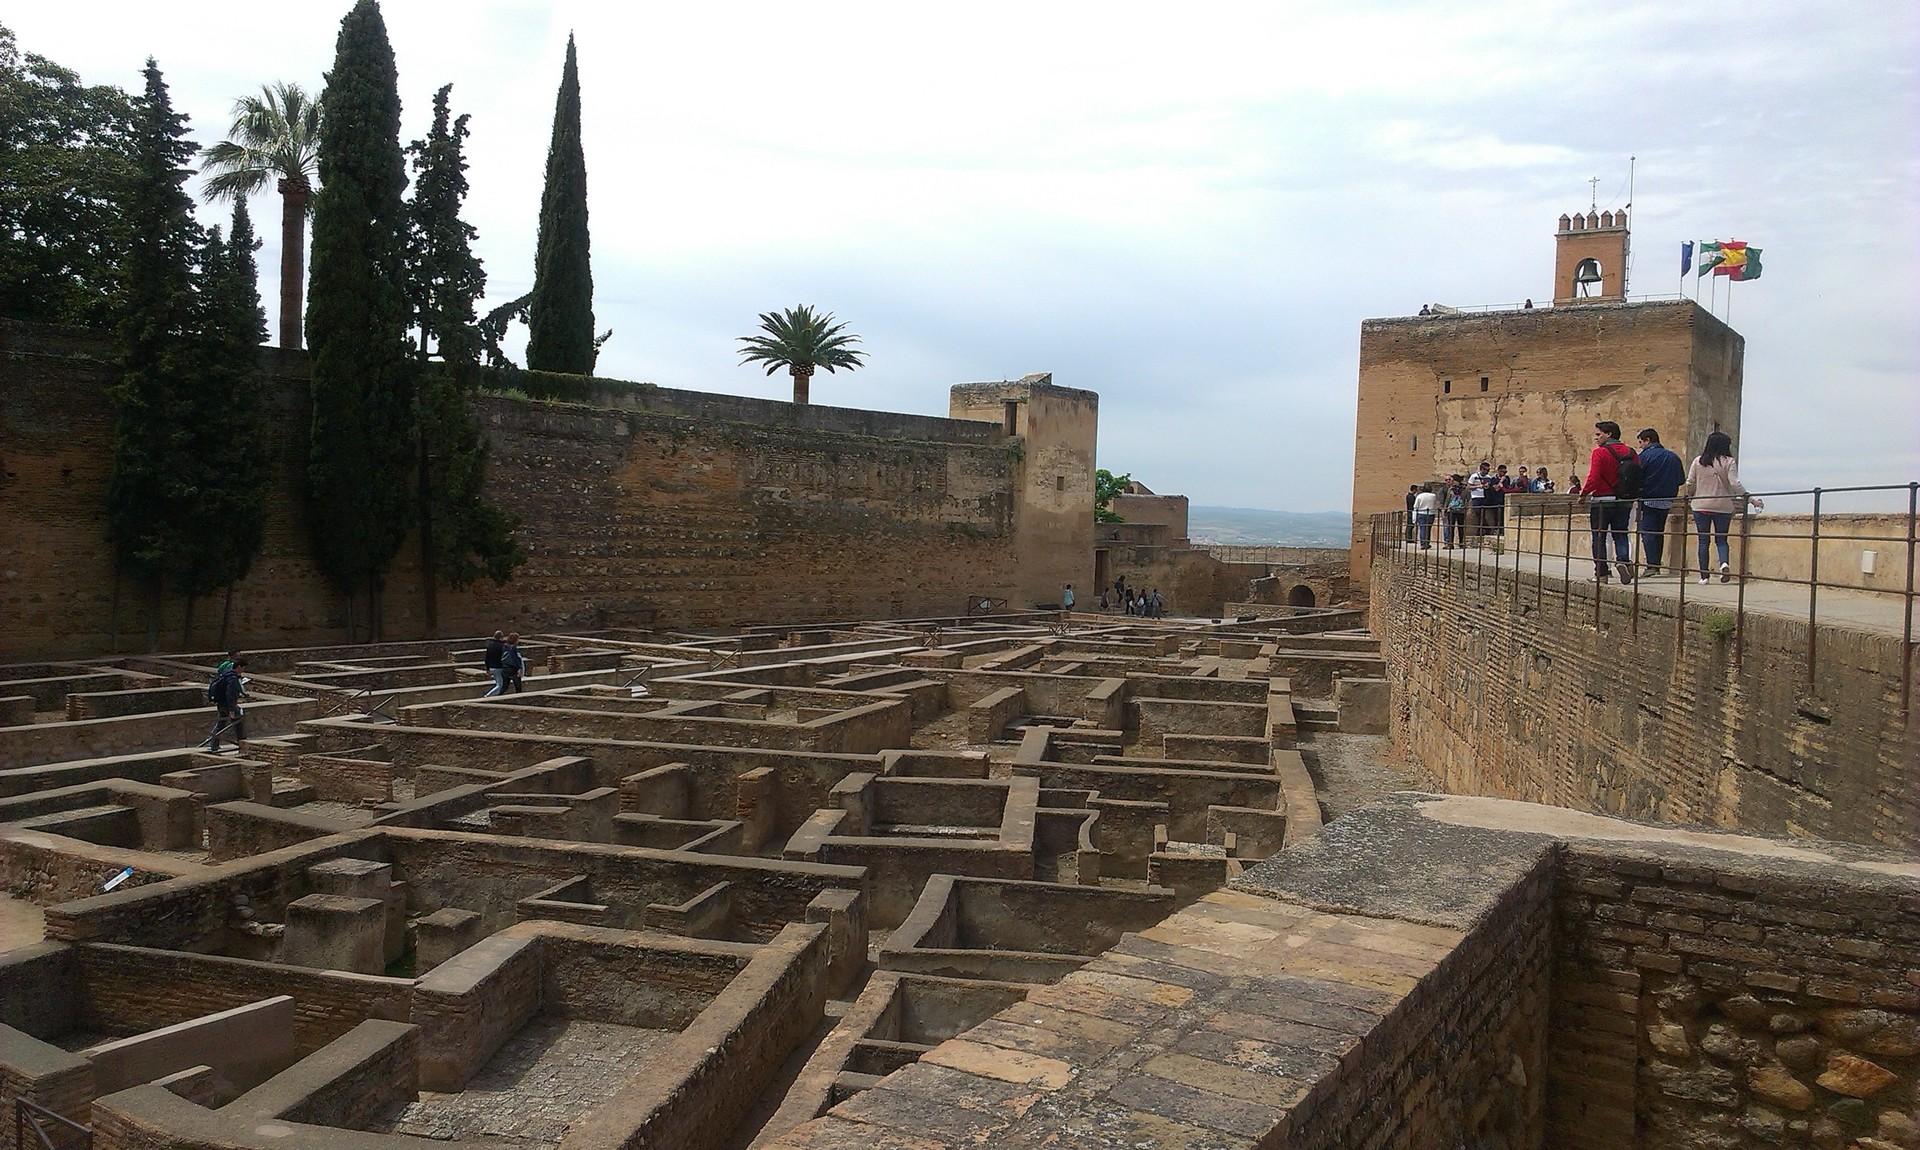 la-alhambra-cittadina-paradisiaca-071a39